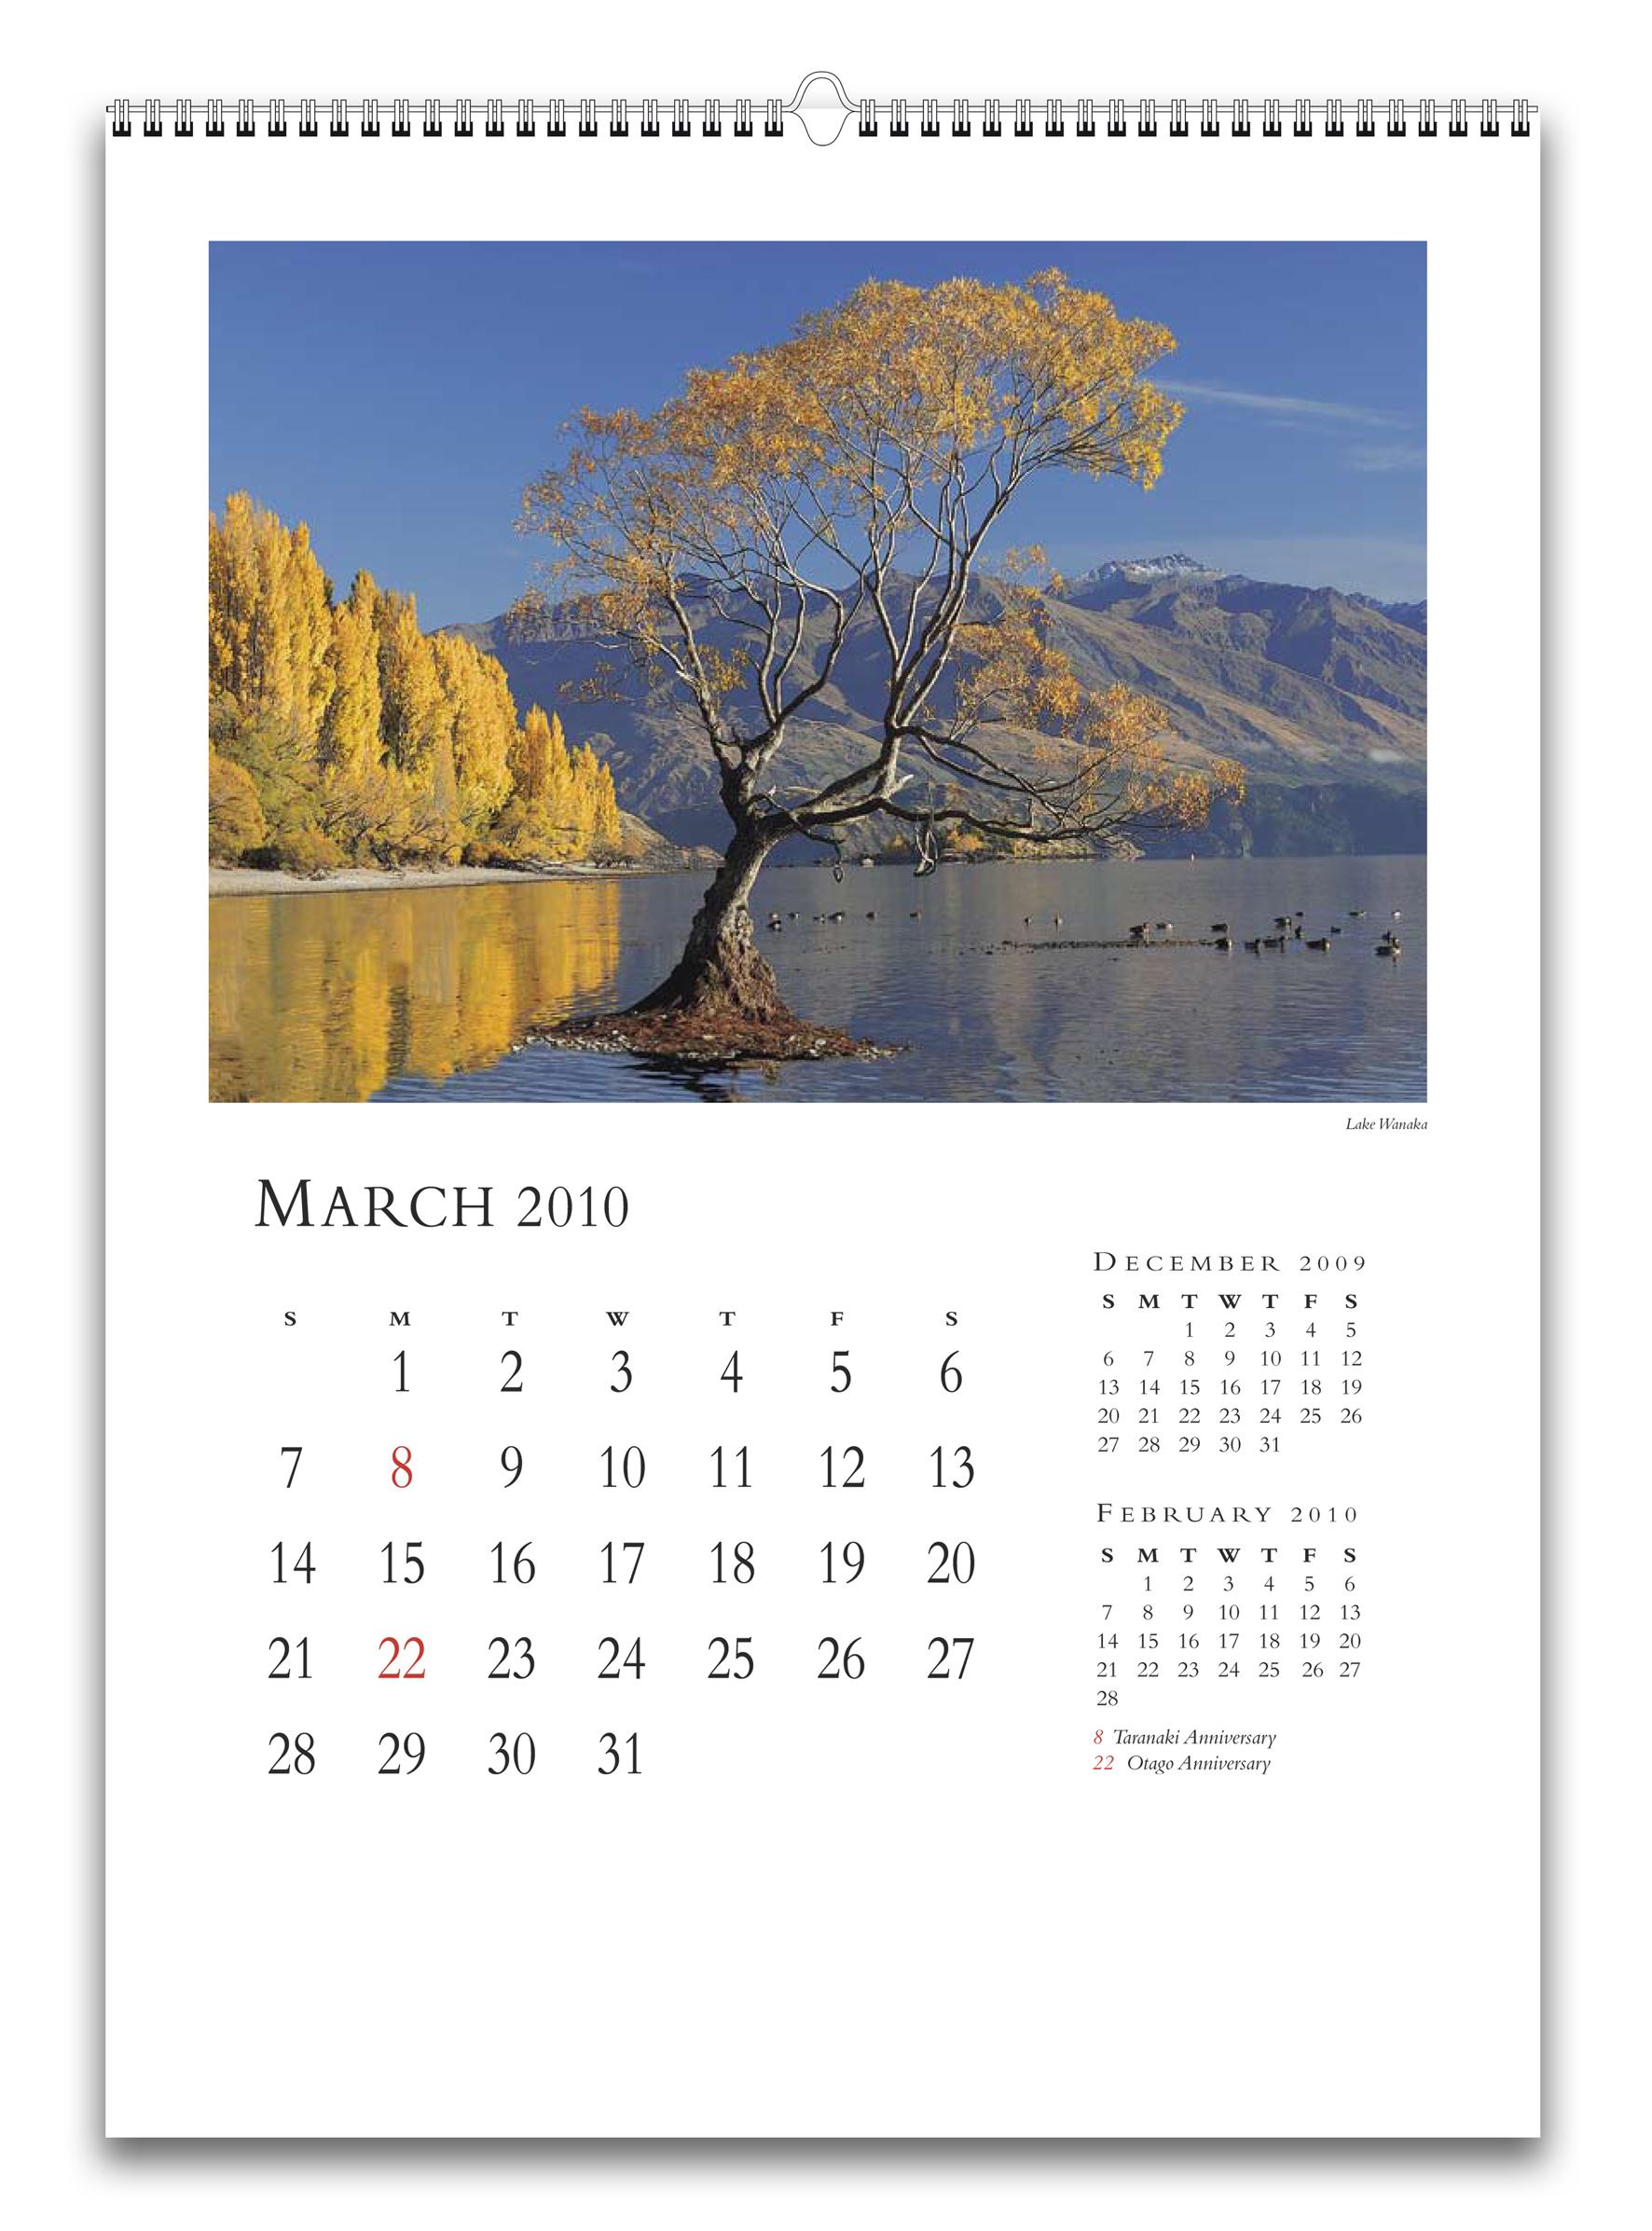 календарь 2011 года смотреть: